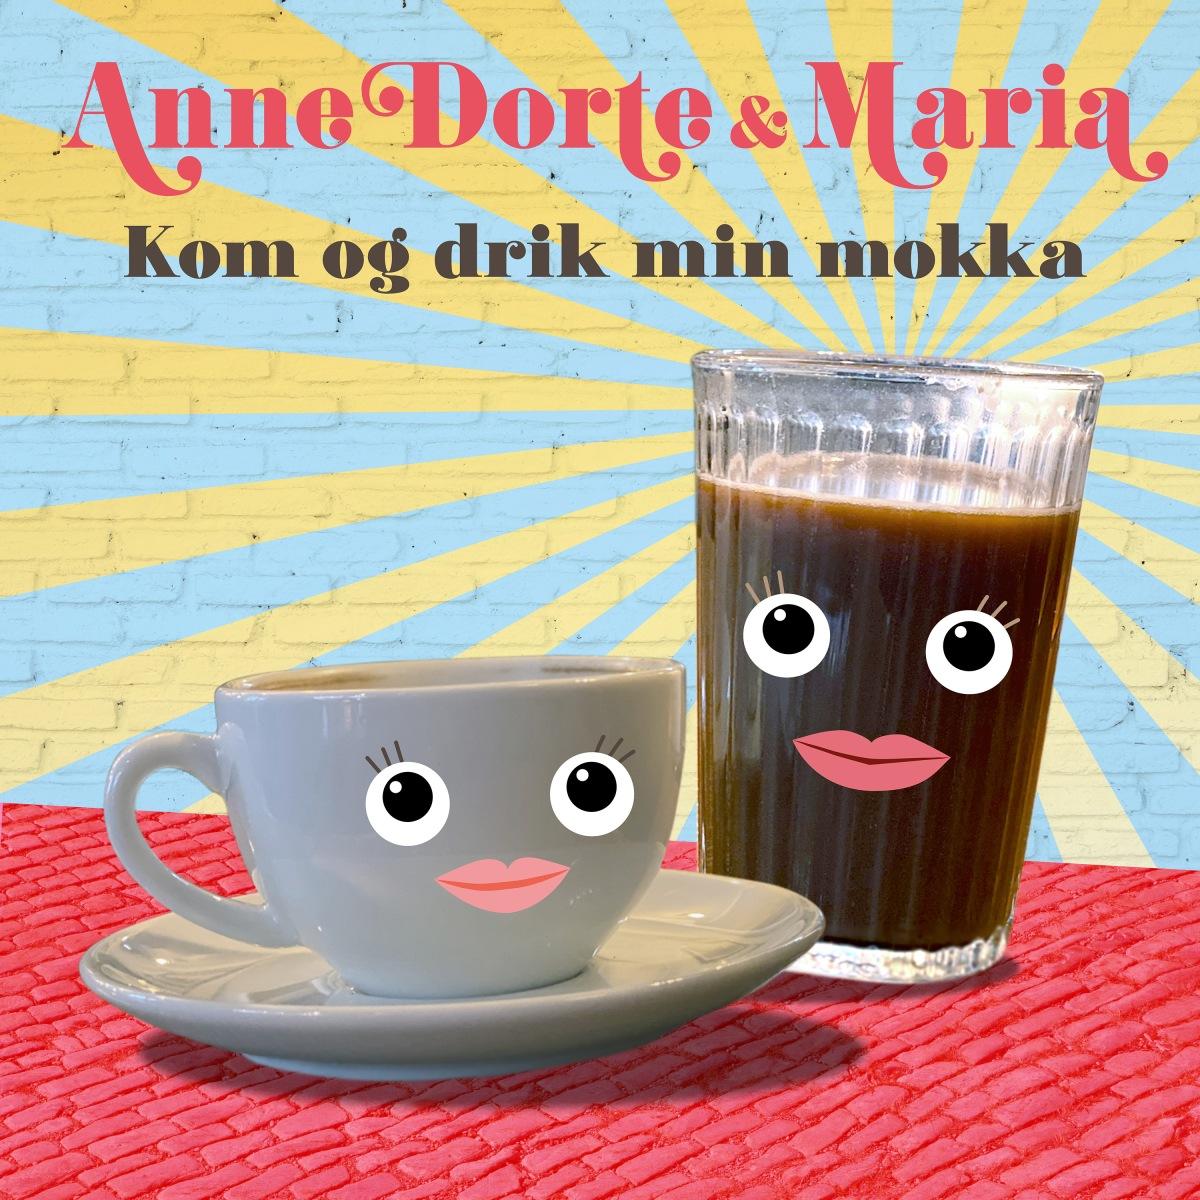 Ny sang fra Anne Dorte &Maria